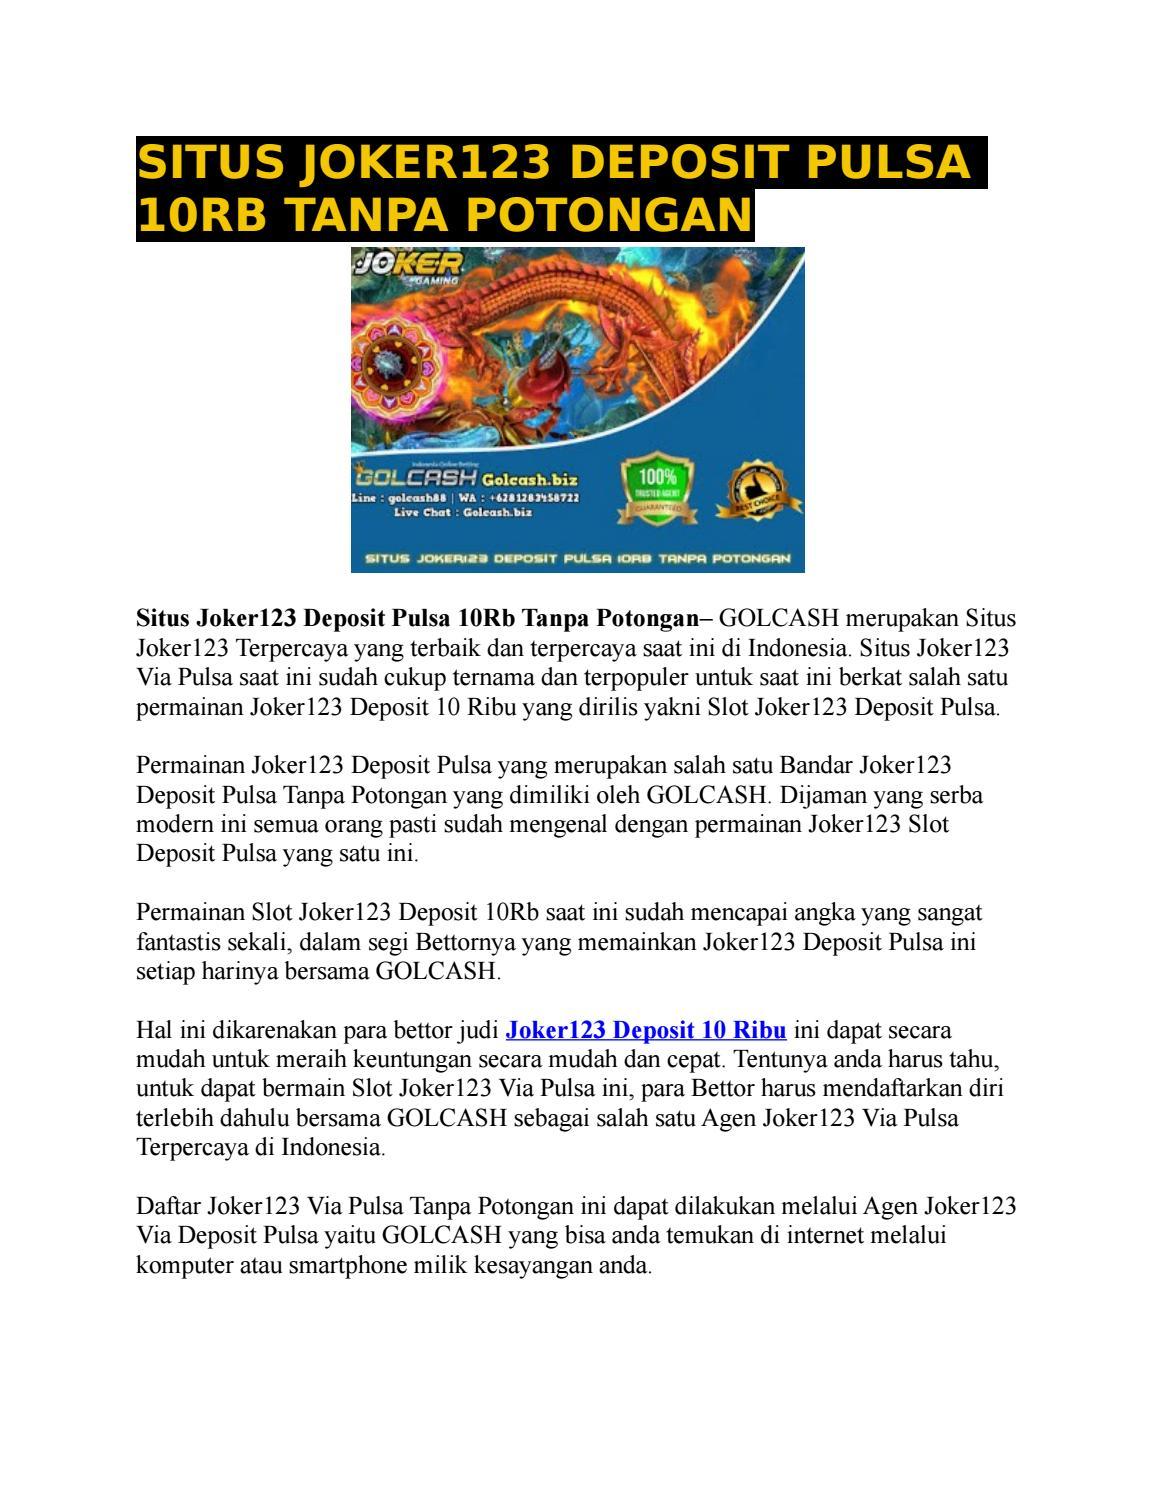 Golcash Situs Joker123 Deposit Pulsa 10rb Tanpa Potongan By Golcash Issuu